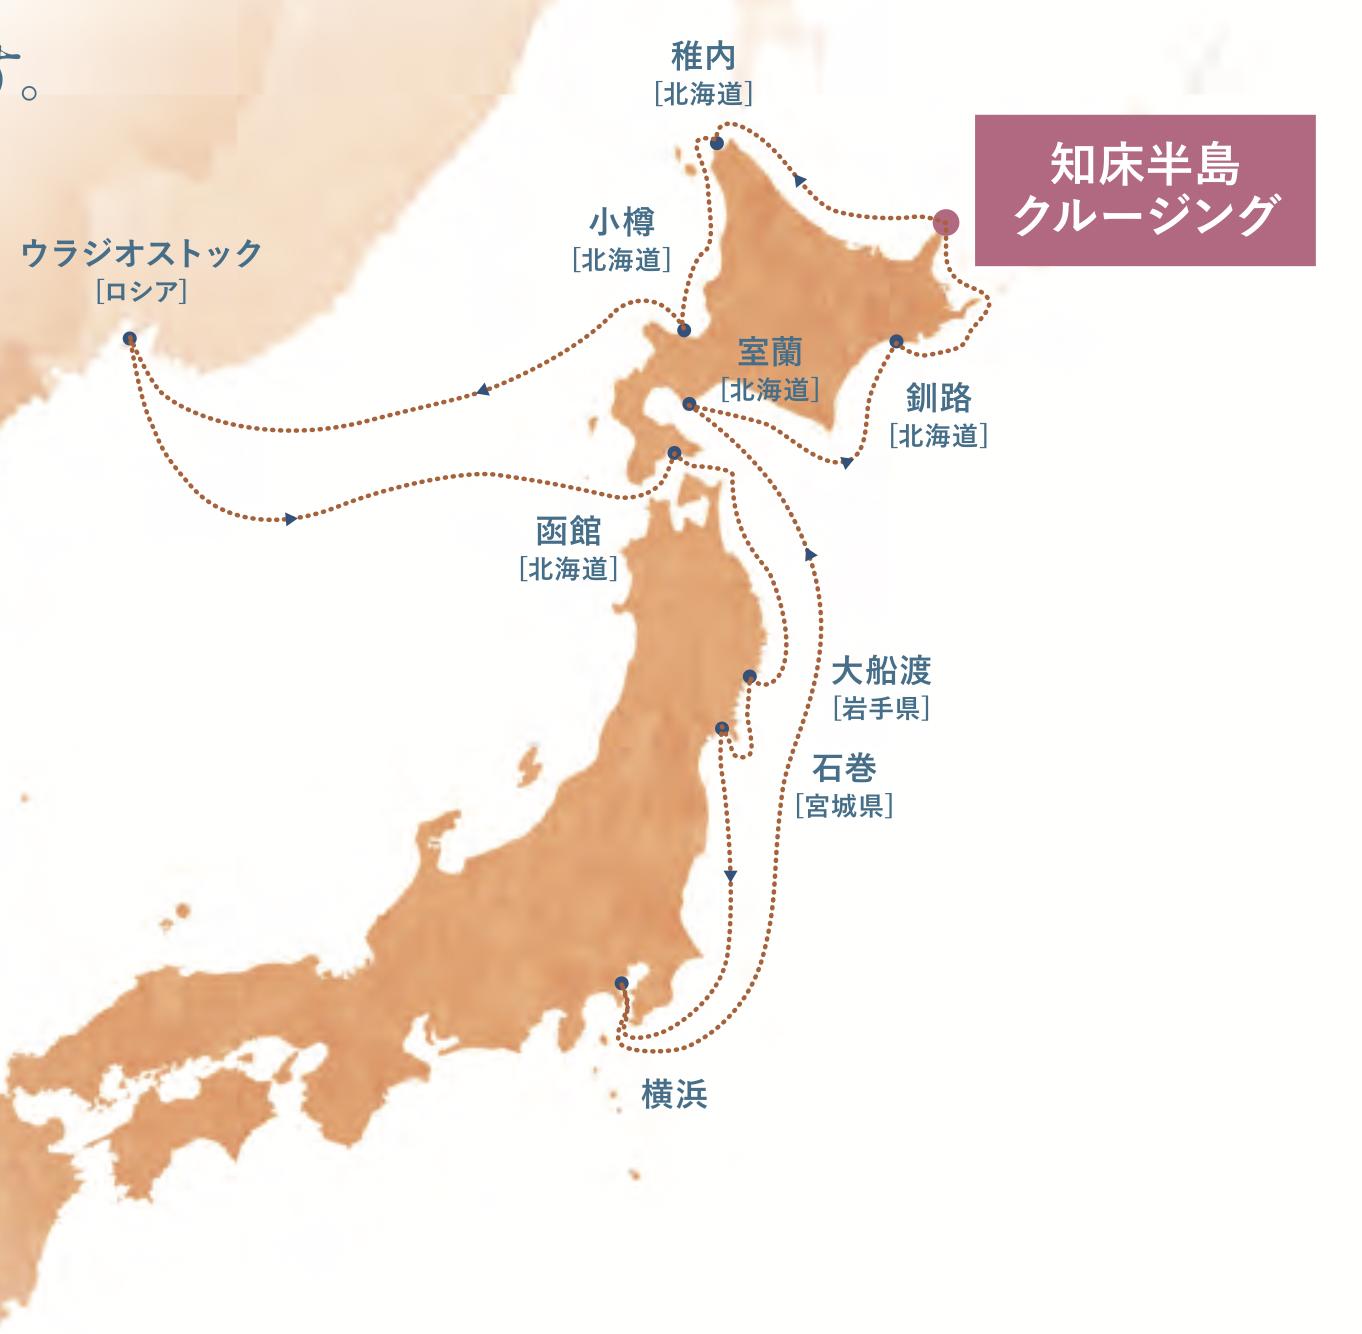 2022年夏 東北 北海道クルーズ15日間 航路マップ